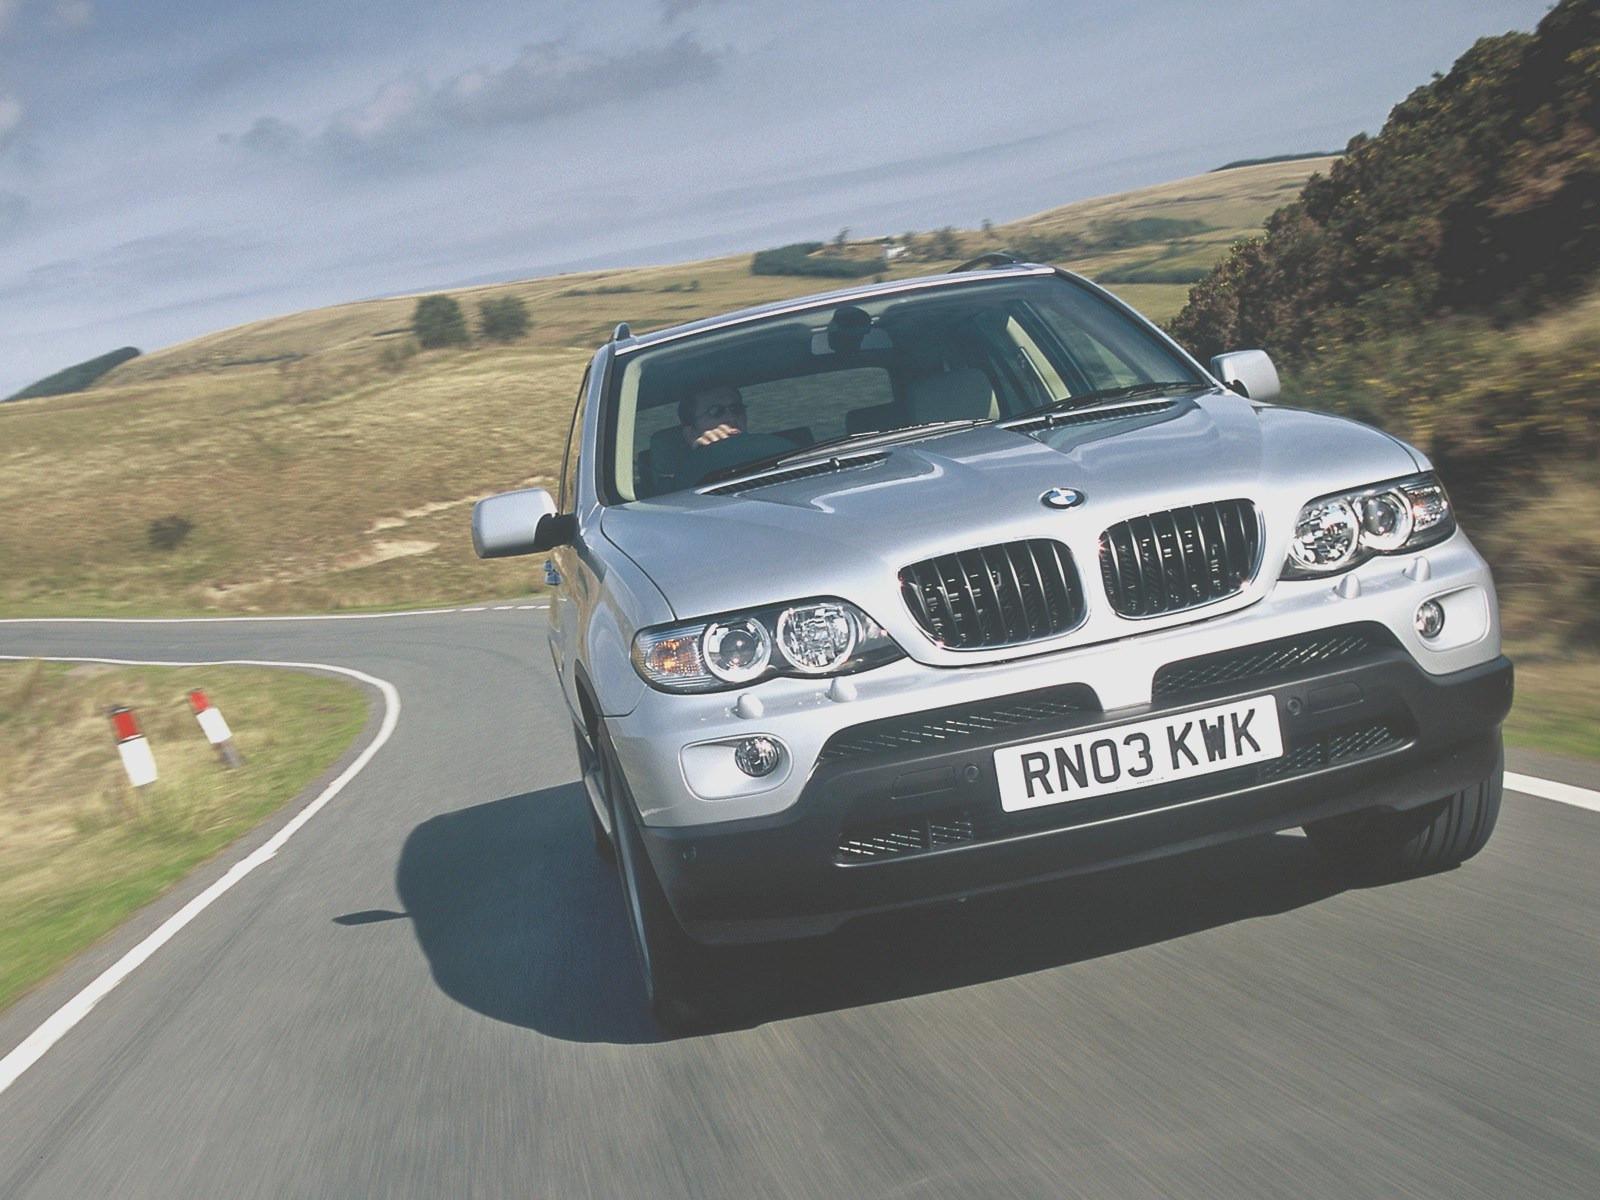 Auto Ausmalbilder Zum Ausdrucken Frisch Ausmalbilder Zum Ausdrucken Autos Luxury Rennauto Ausmalbilder Neu Fotografieren